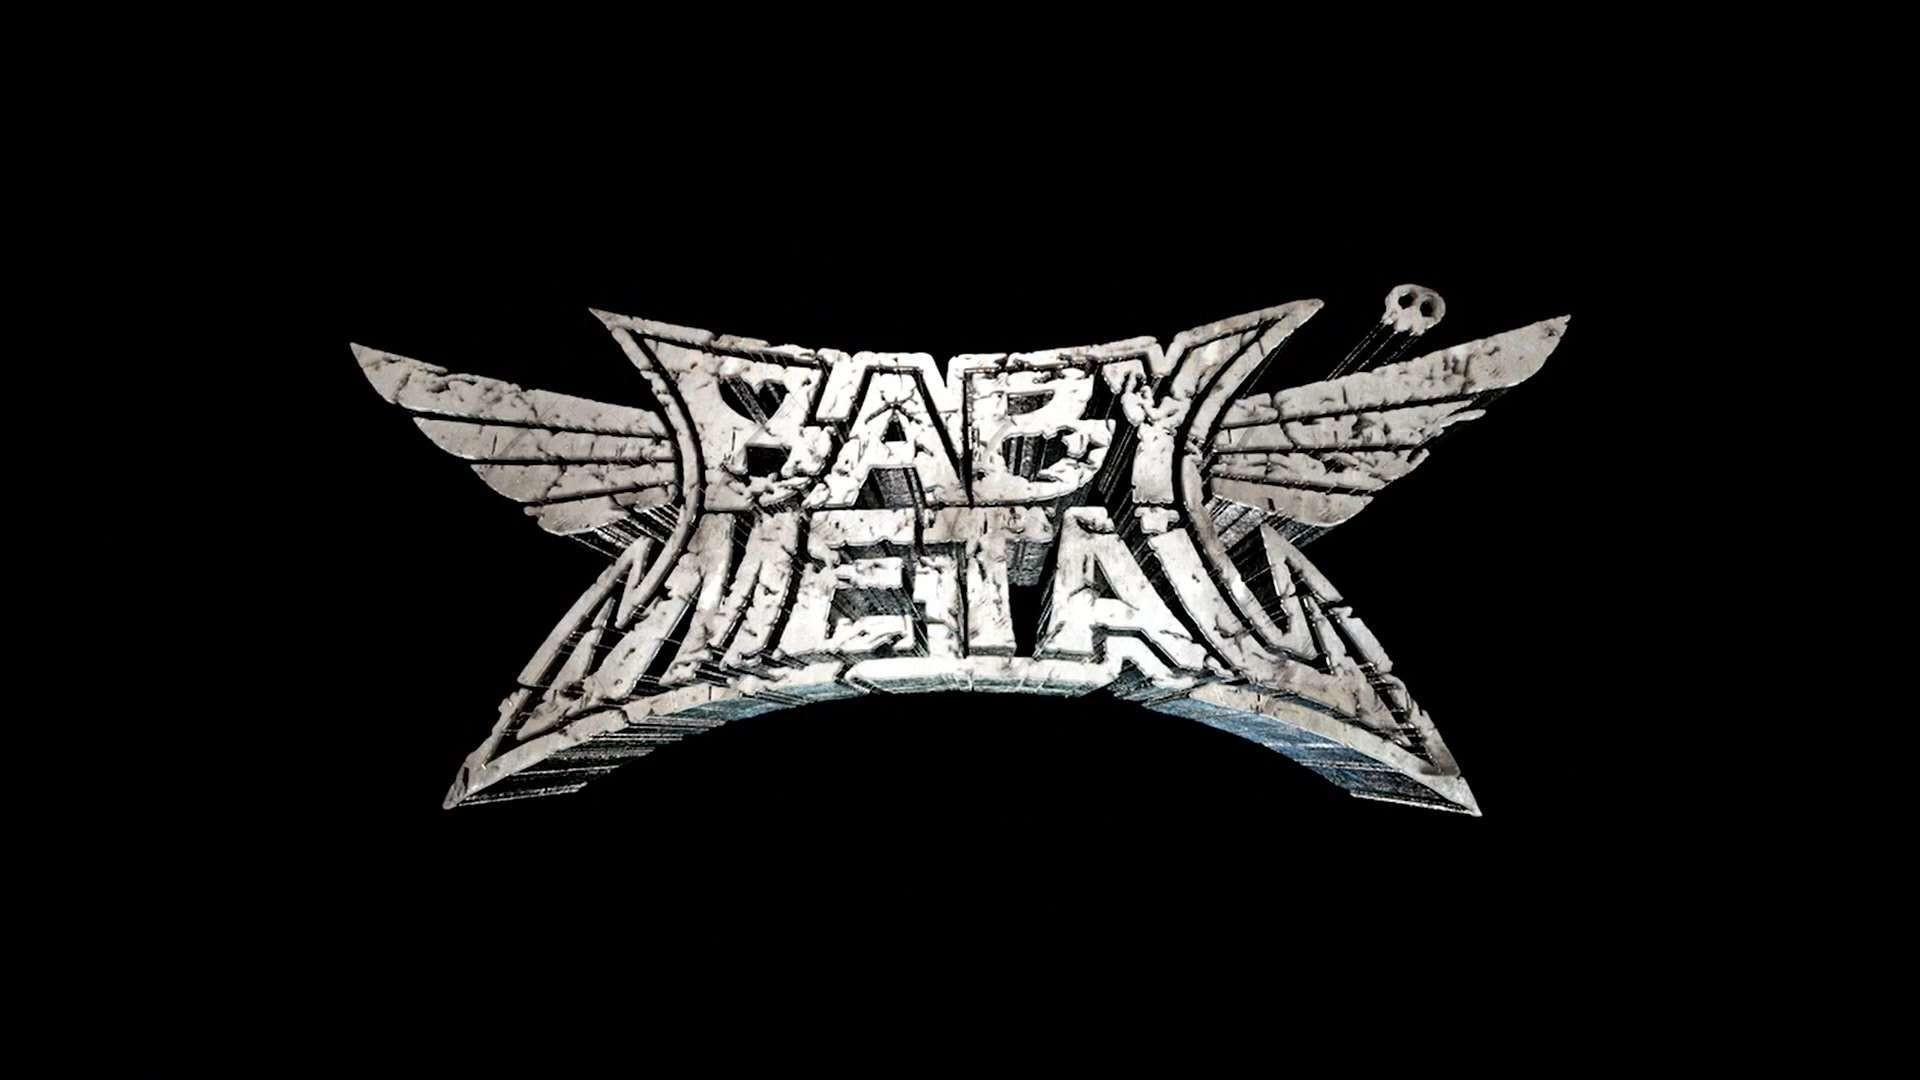 Baby Metal Wallpaper HD – WallpaperSafari